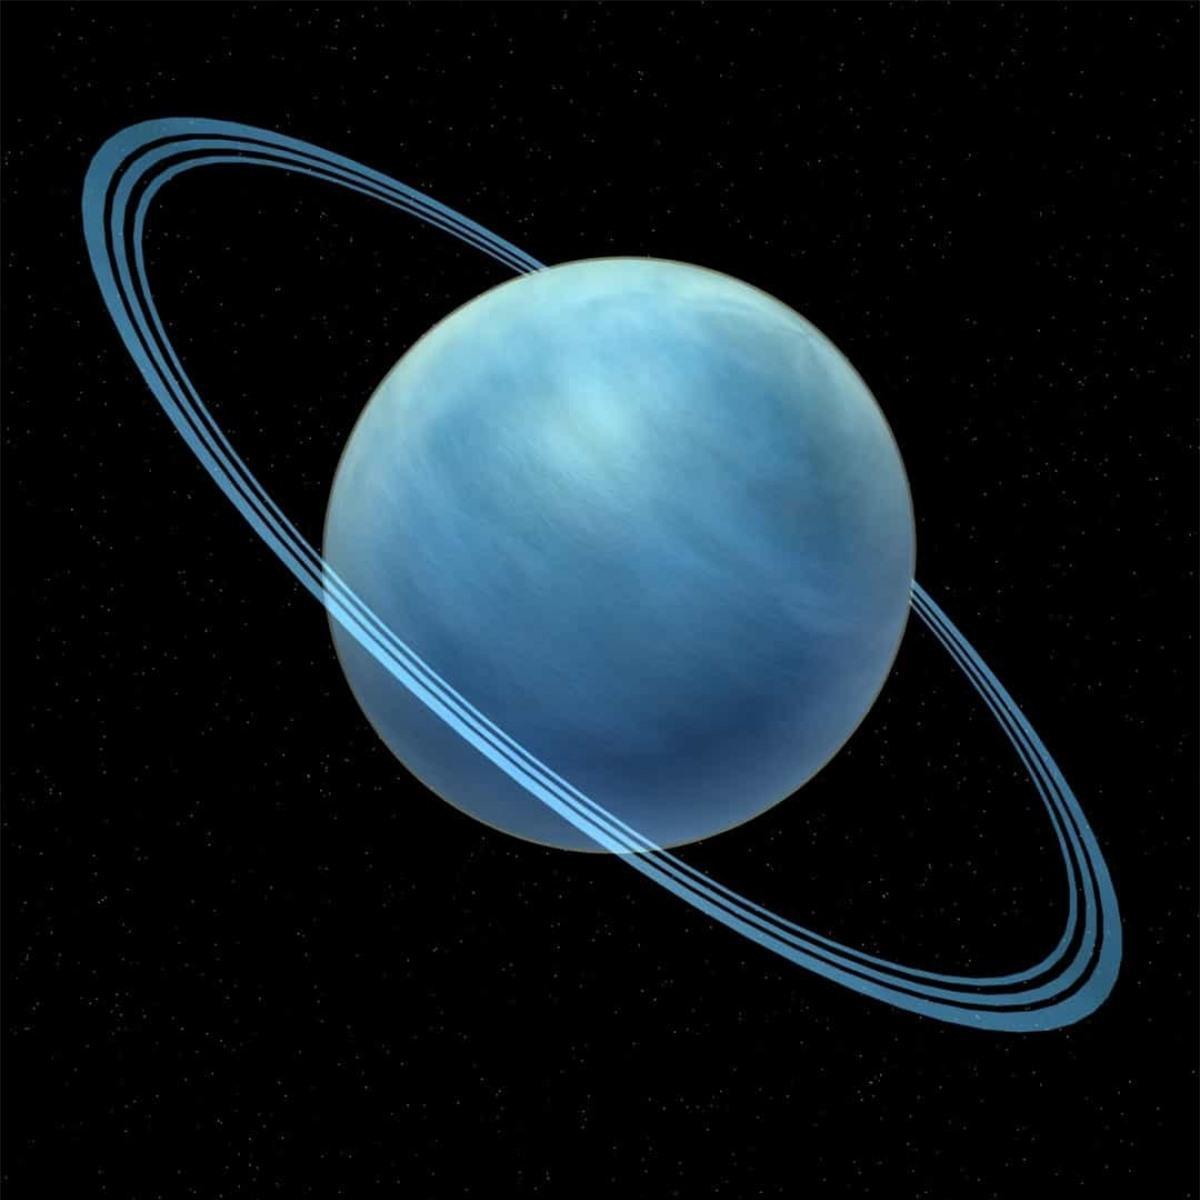 Không chỉ sao Thổ, sao Thiên Vương cũng có những vành đai quanh nó nhưng chúng ta không thể nhìn thấy bởi chúng ở quá xa.